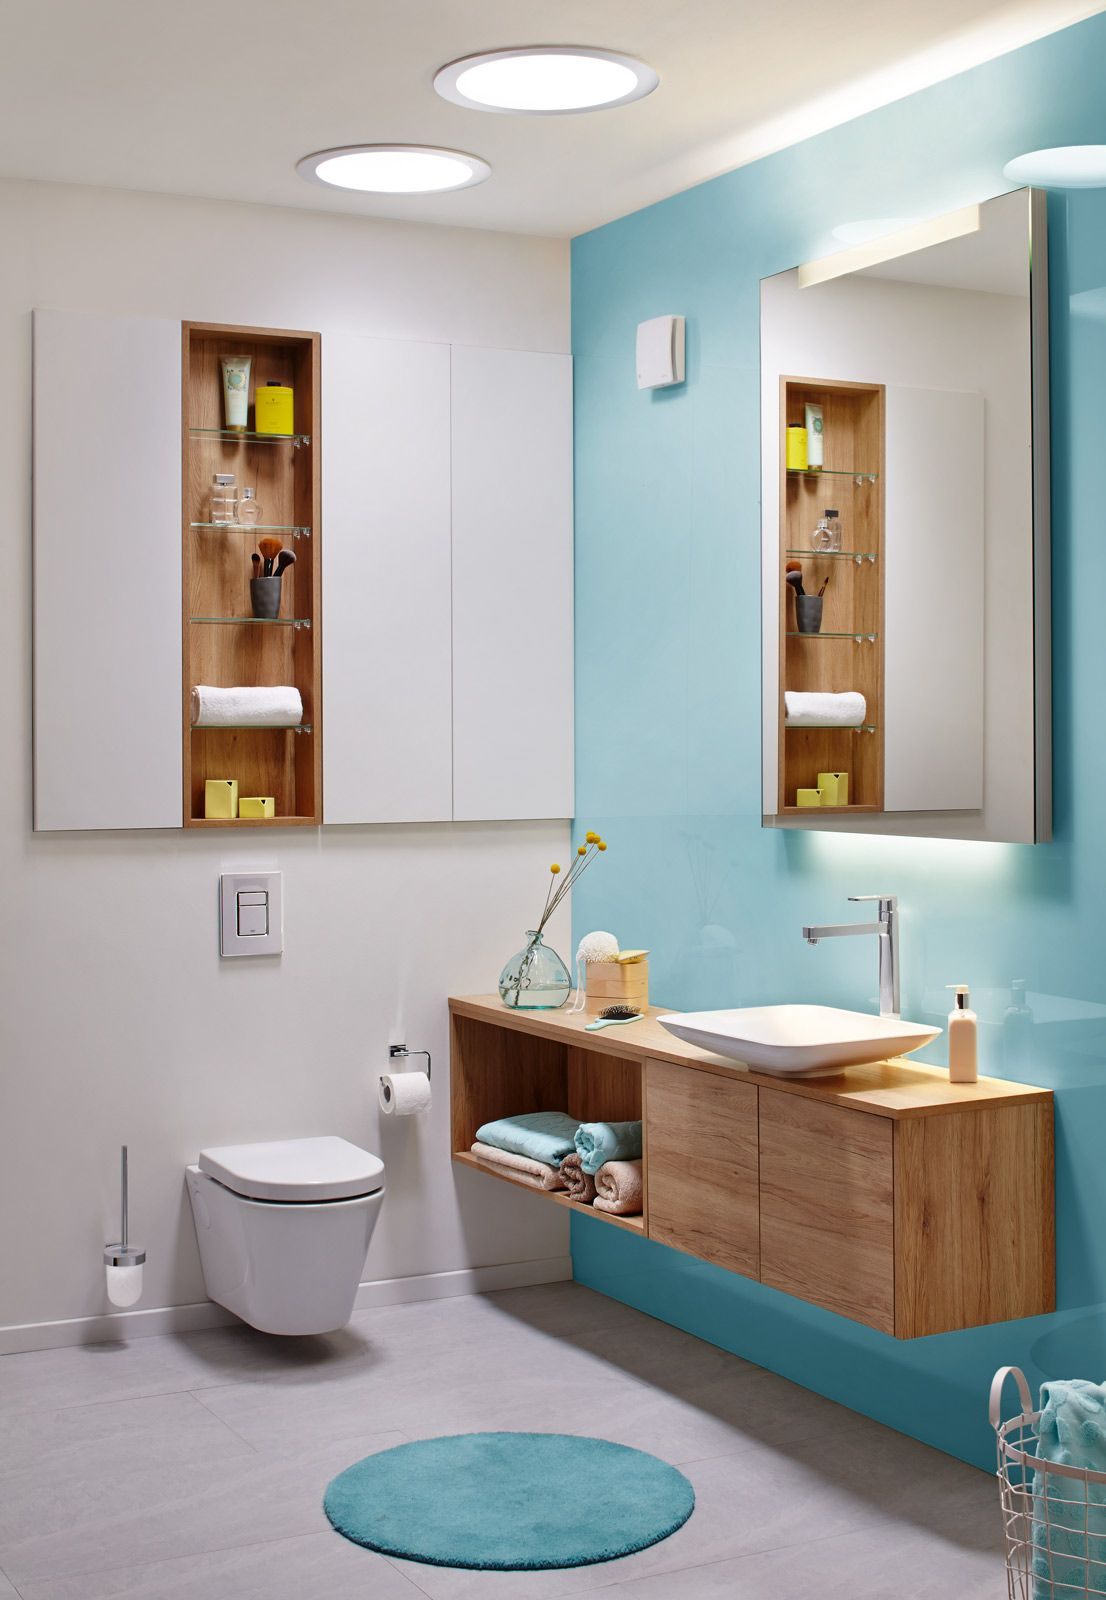 Duschruckwand Bild Von Aline Greset Auf Sdb Badezimmer Design Neues Badezimmer